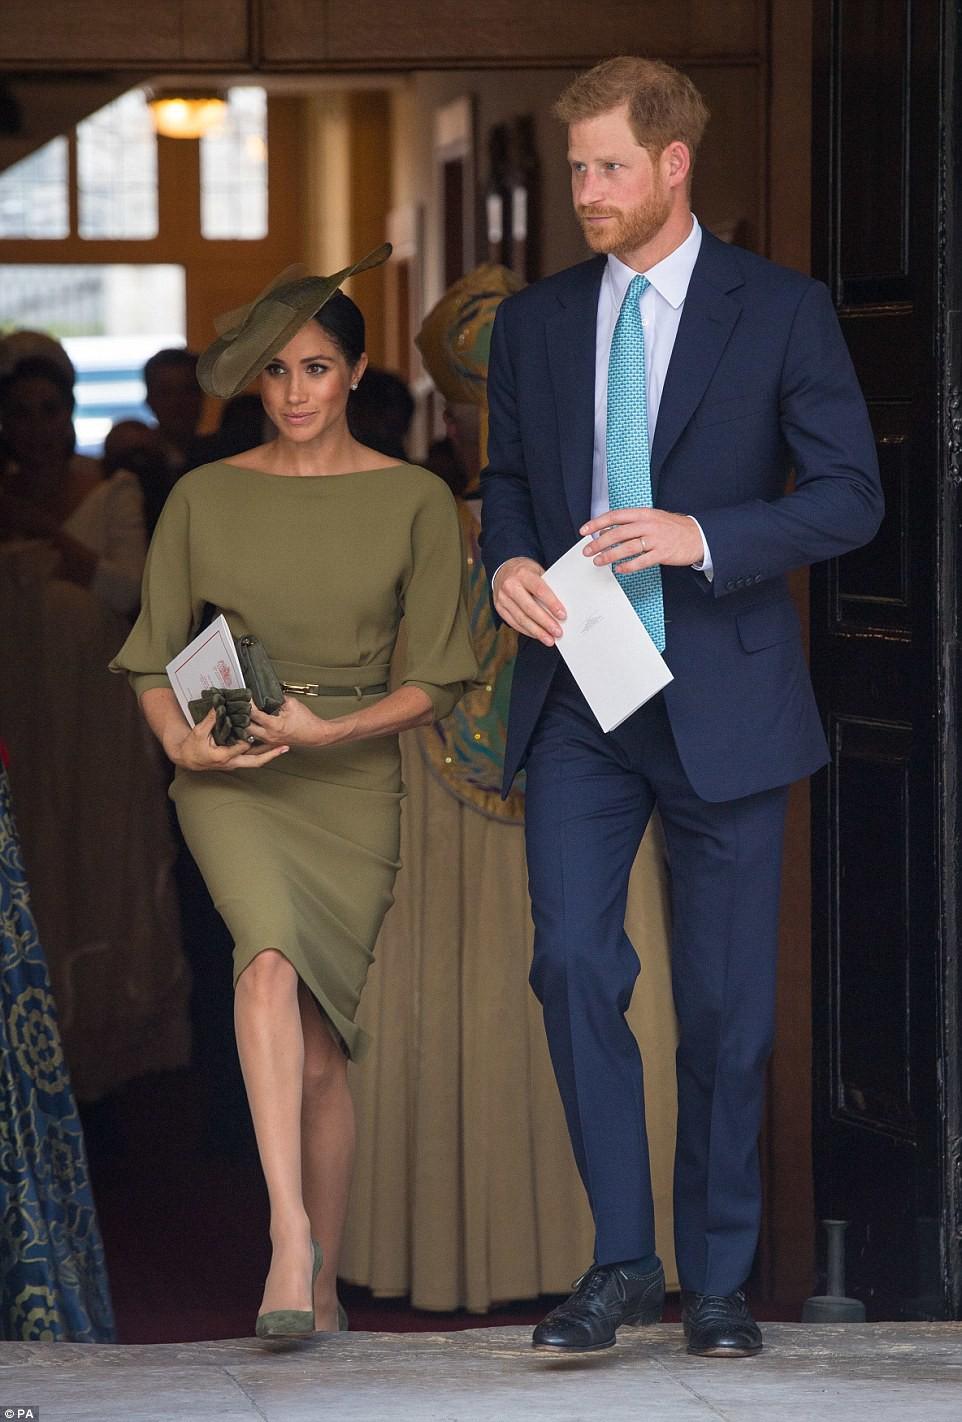 Điểm đặc biệt trong trang phục mà Công nương Kate và Hoàng tử út Louis diện trong buổi lễ rửa tội  - Ảnh 7.